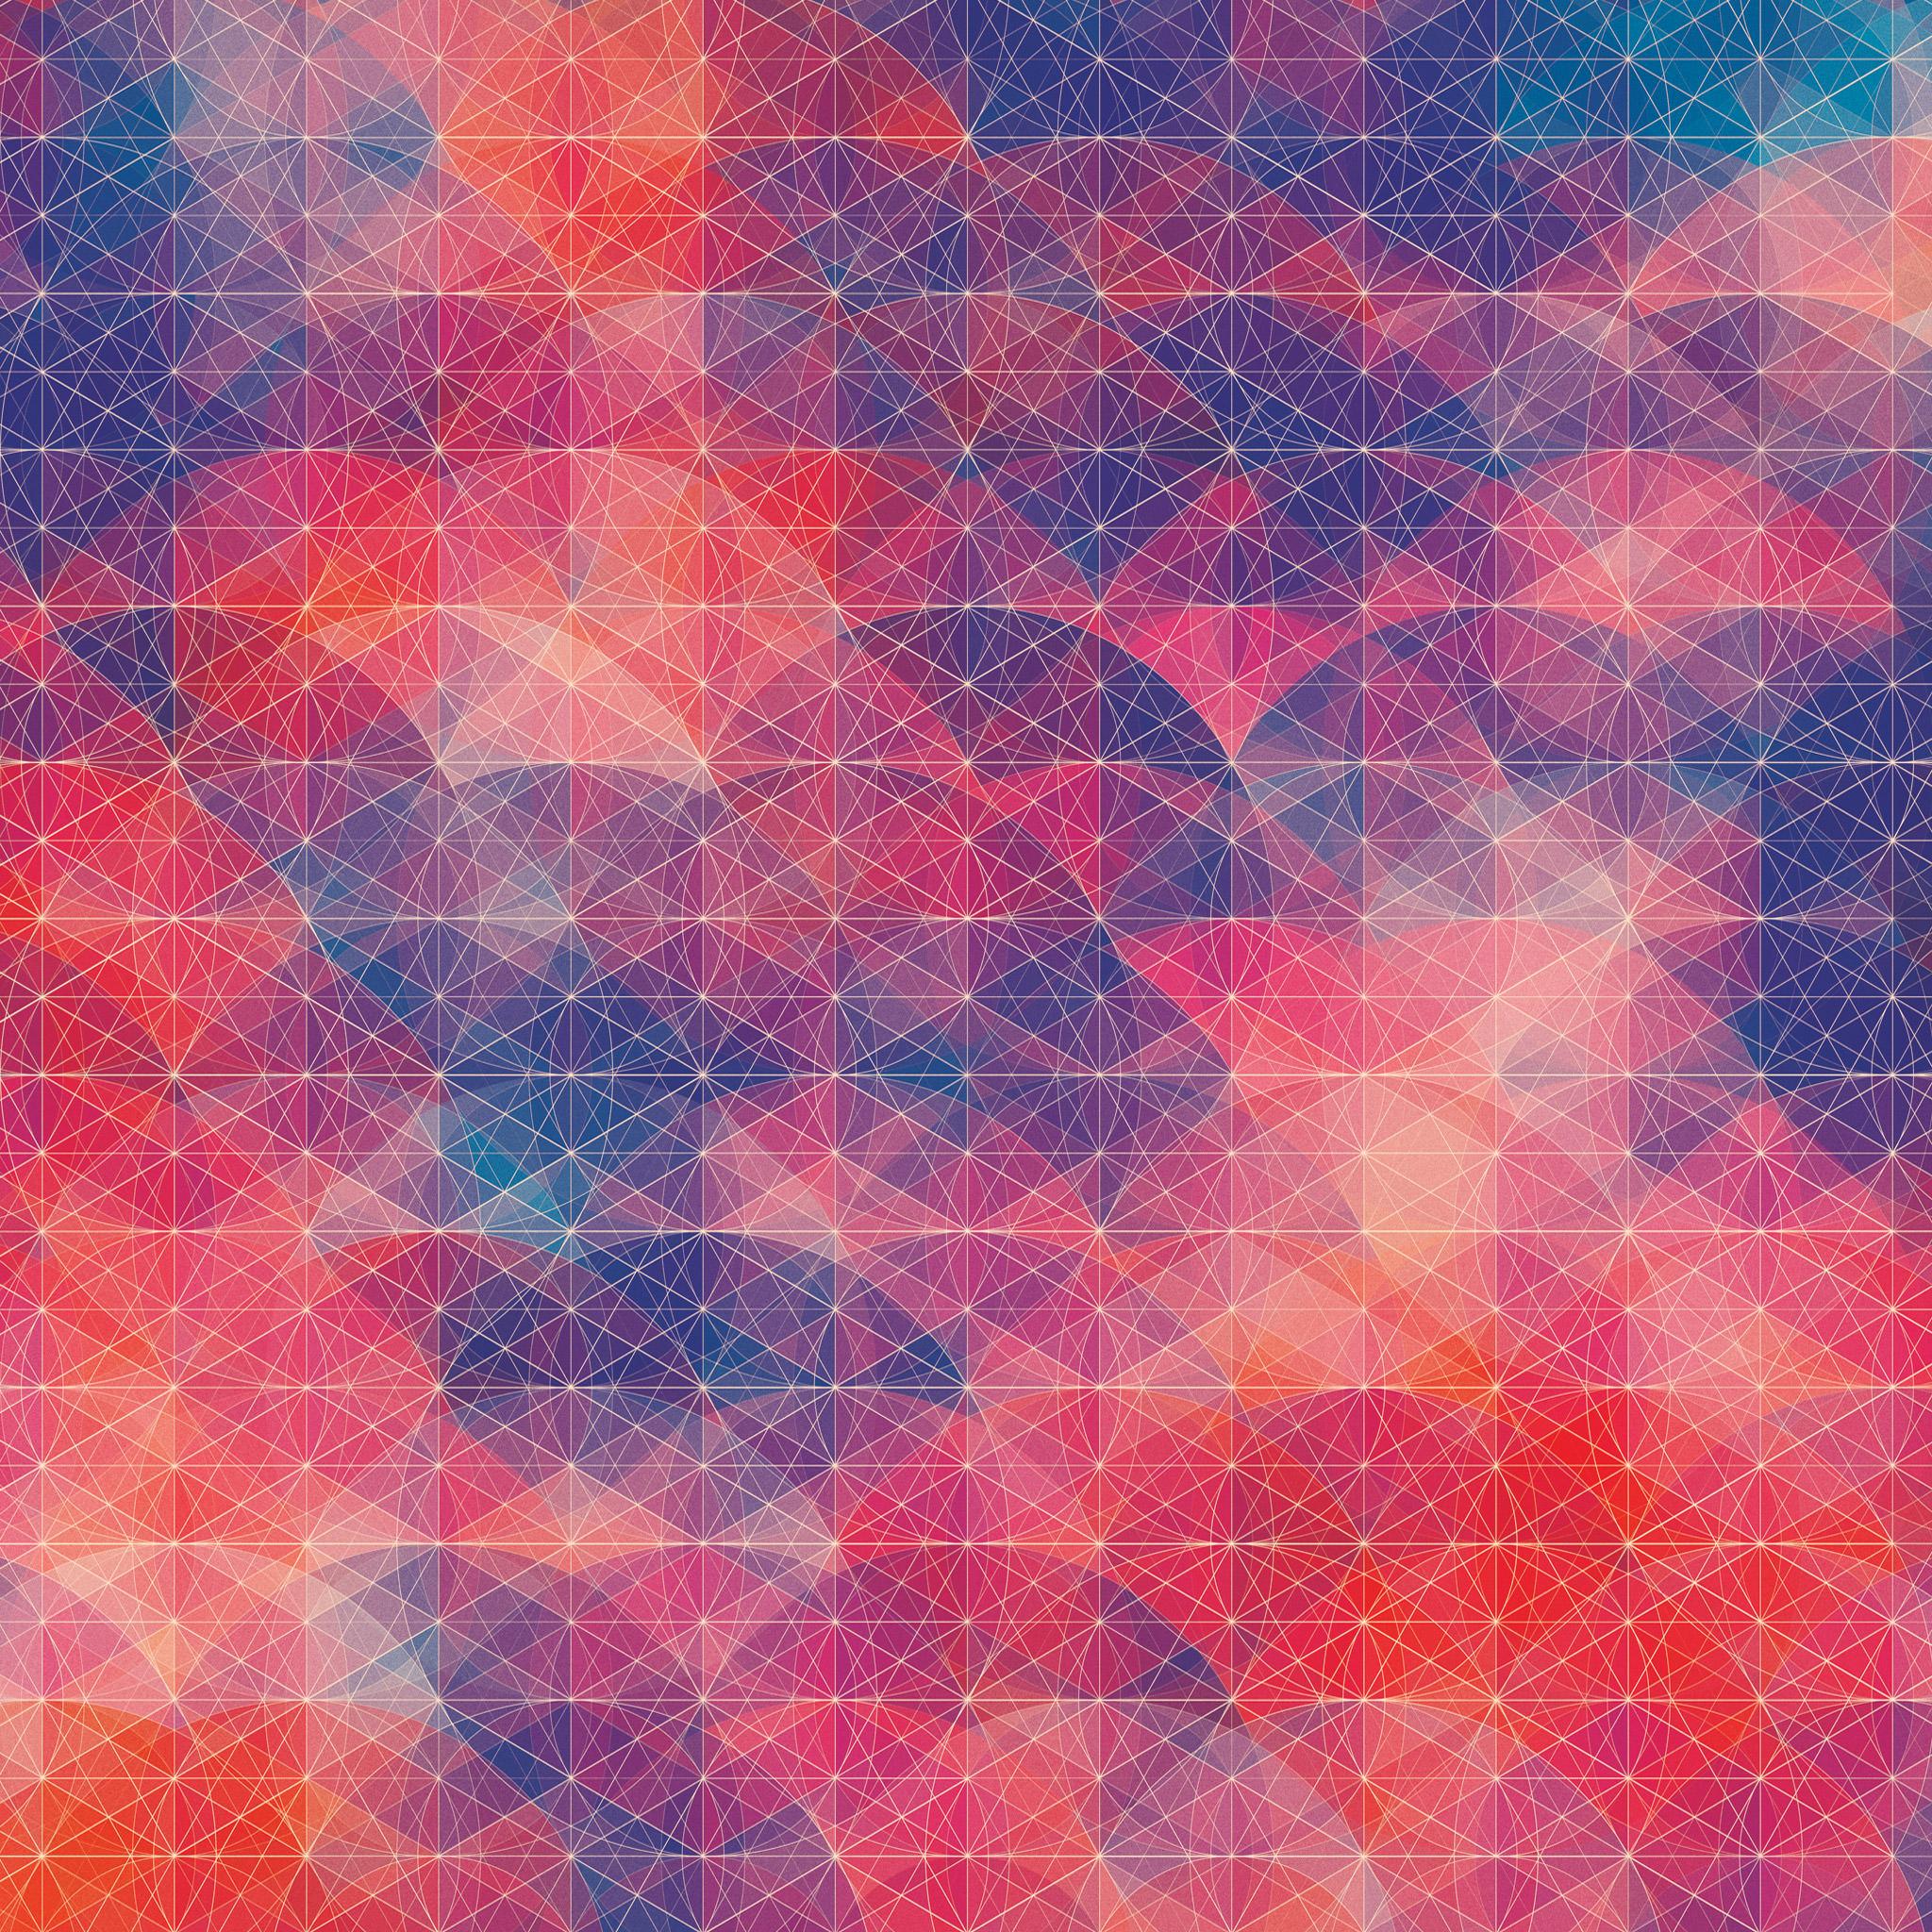 カラフルな幾何学模様の壁紙3 Ipad3用 2048 2048 Wallpaperbox